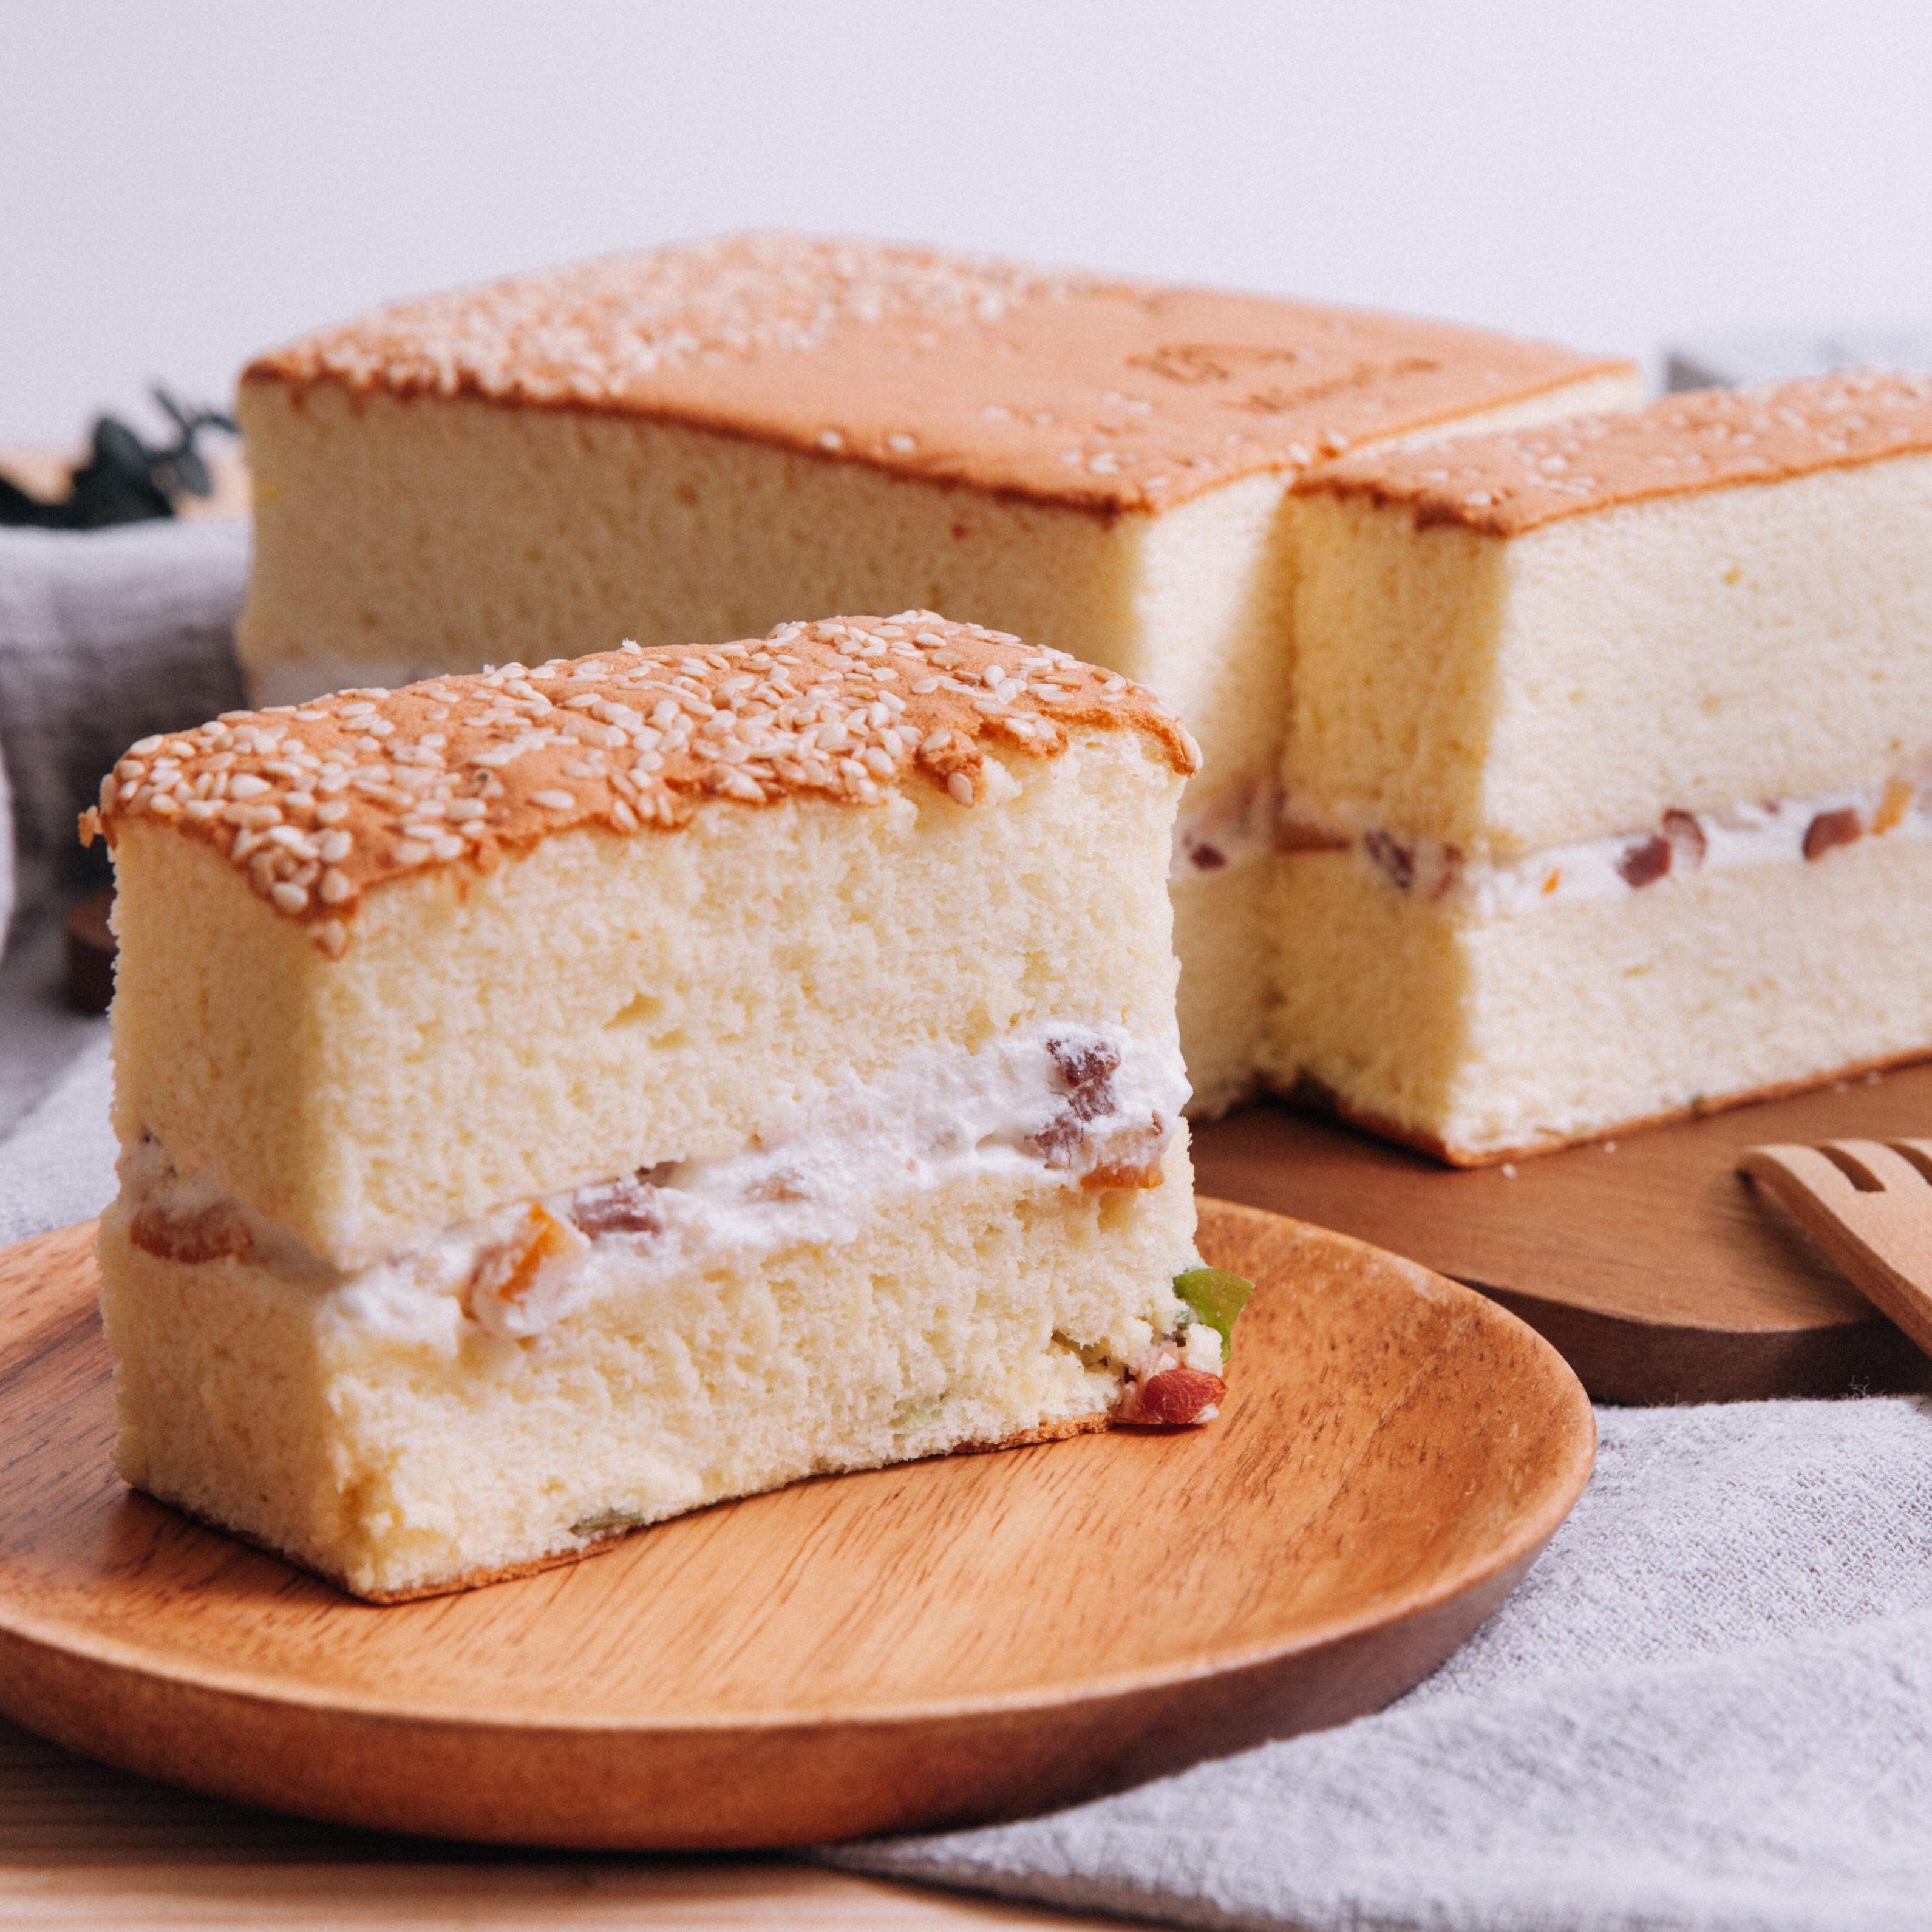 人氣鹹蛋糕2入口味▶再送芒果花乳酪盒【5折】599免運